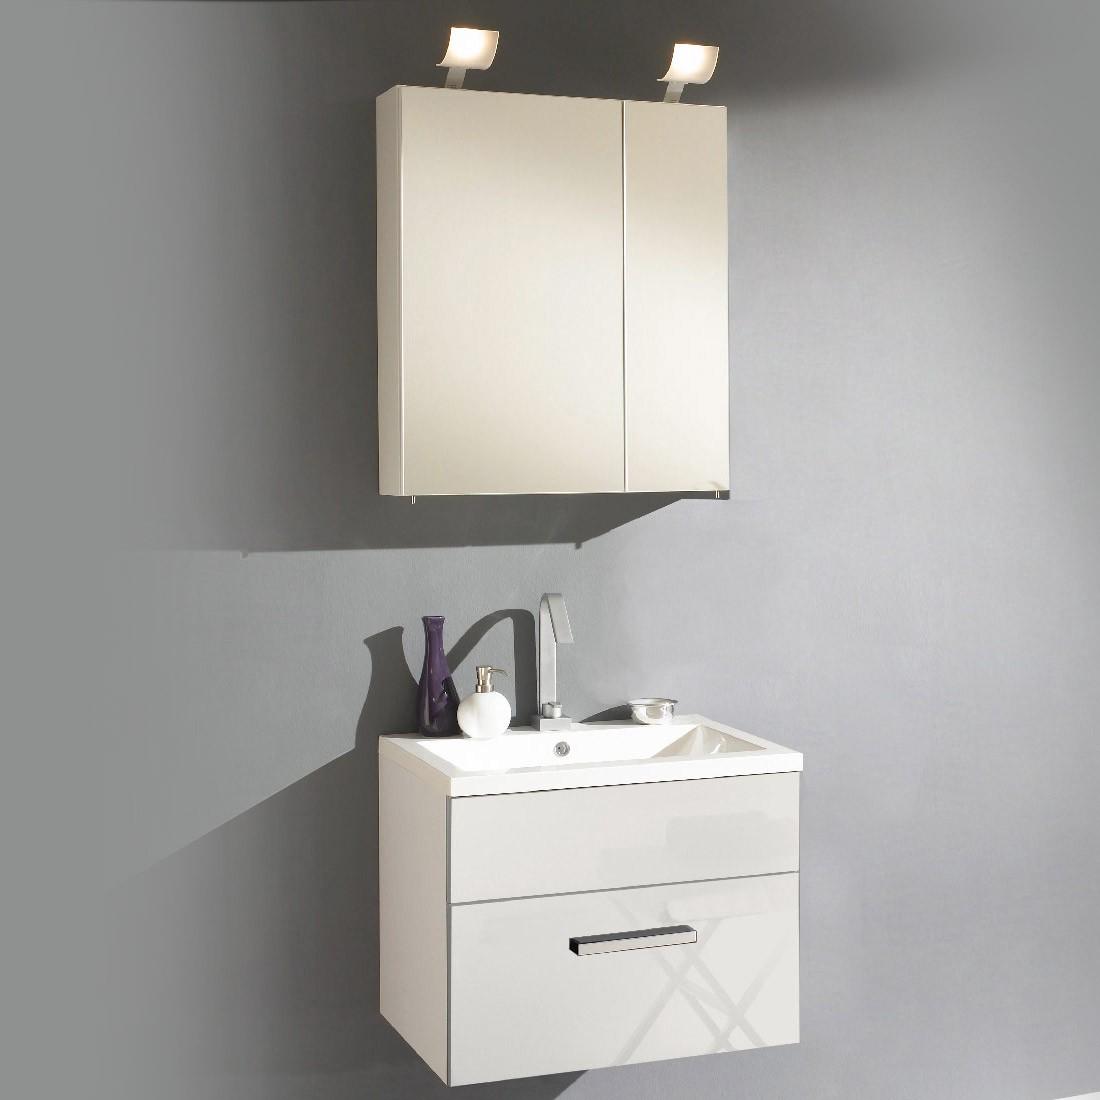 EEK B, Waschplatz Victoria - inklusive Becken - Spiegelschrank 60cm - weiß Hochglanz, Aqua Suite